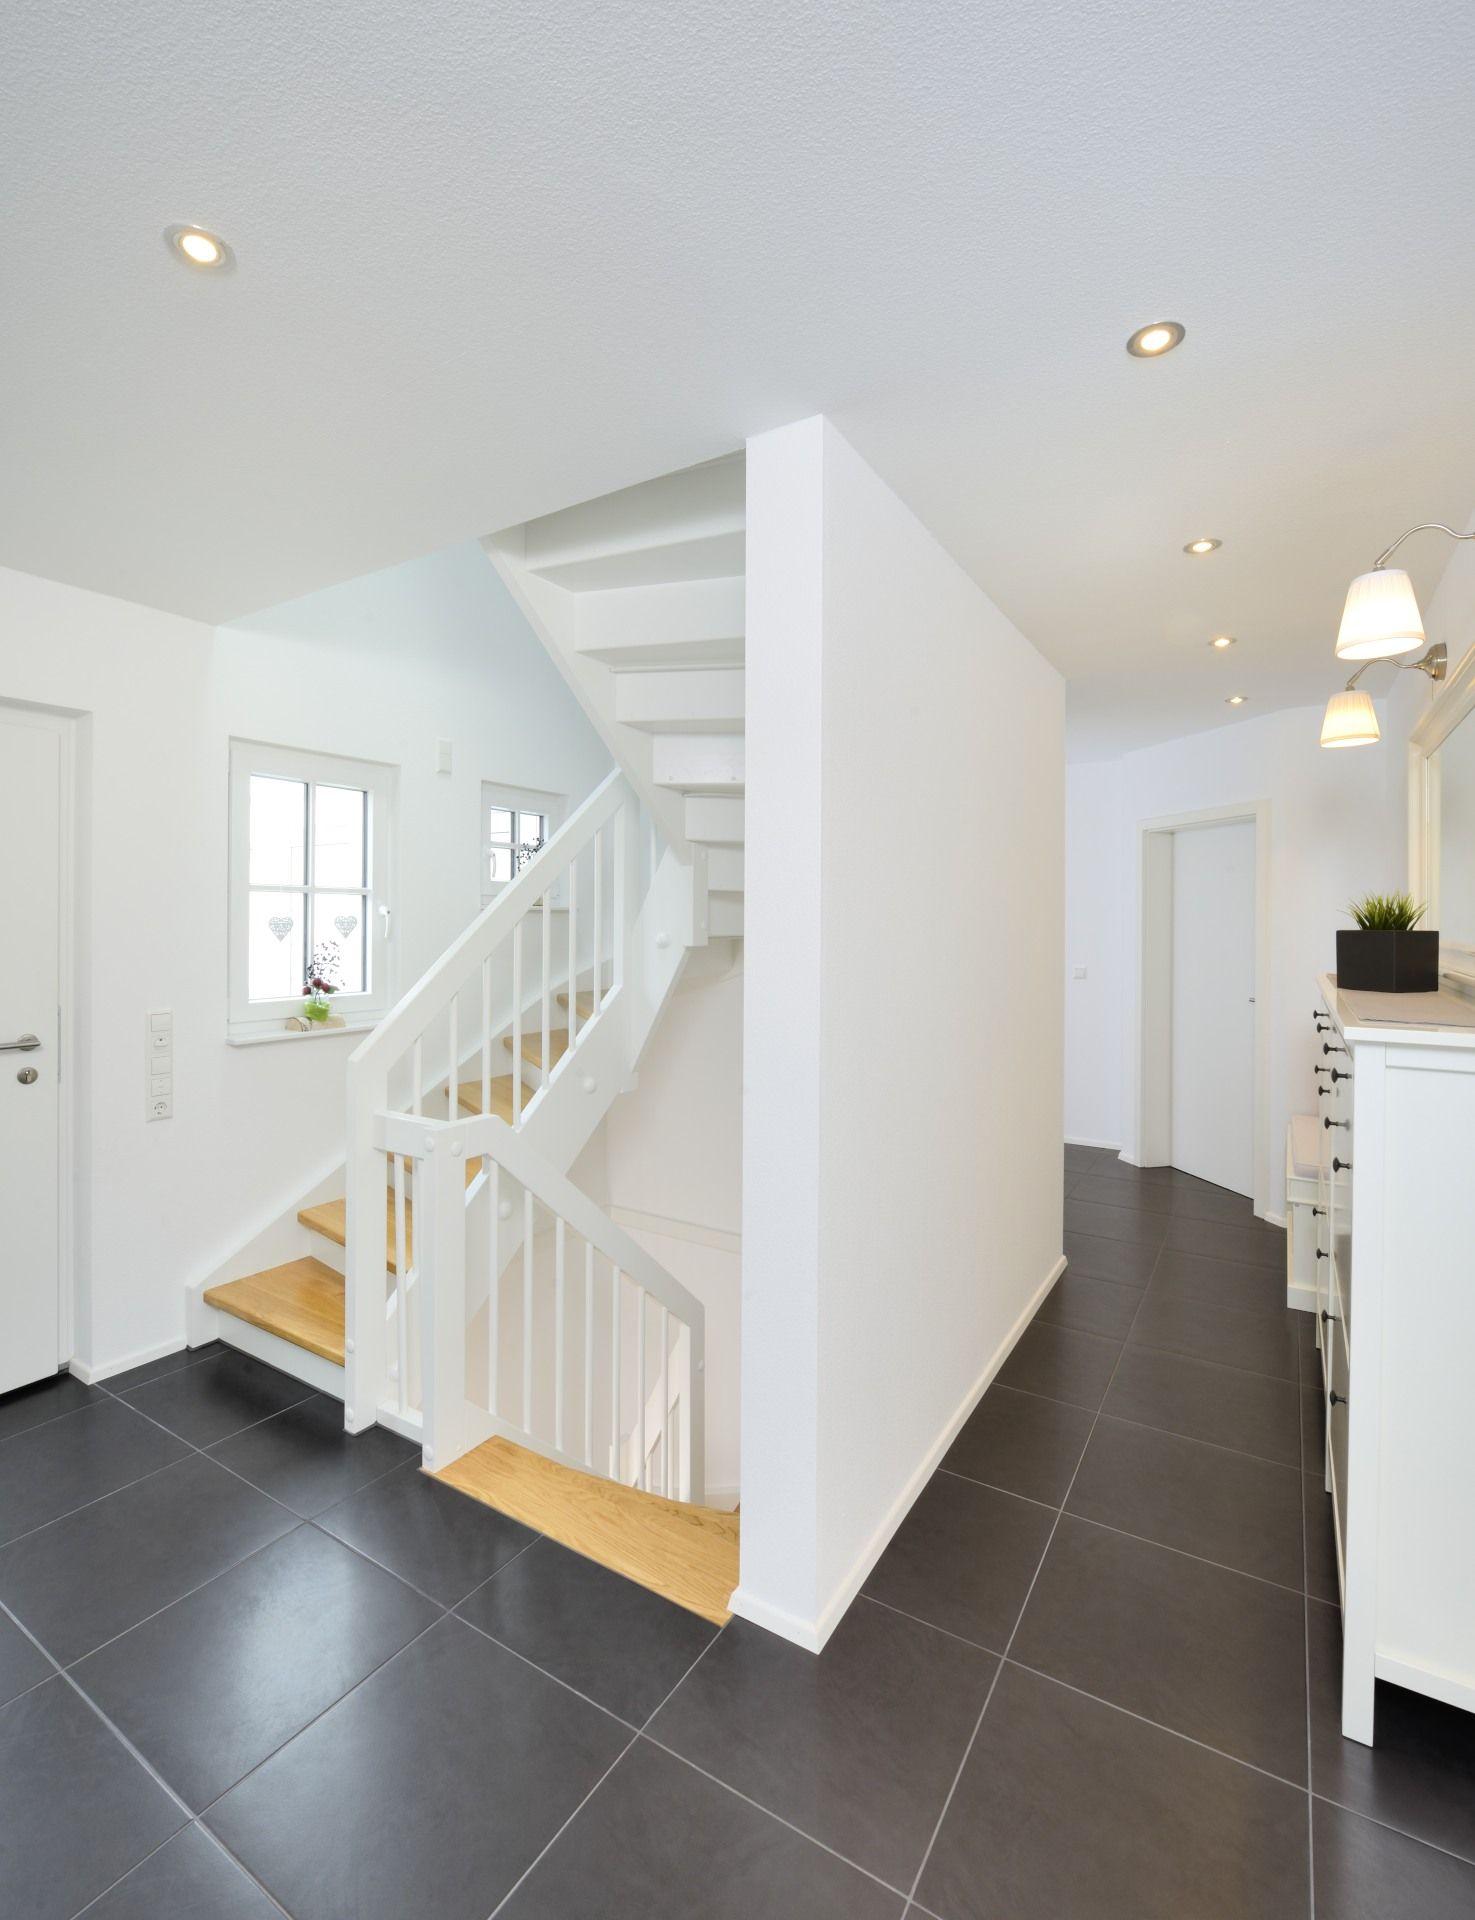 eingestemmte wangentreppe 1 2 gewendelt mit setzstufen haus graner fertighaus weiss. Black Bedroom Furniture Sets. Home Design Ideas